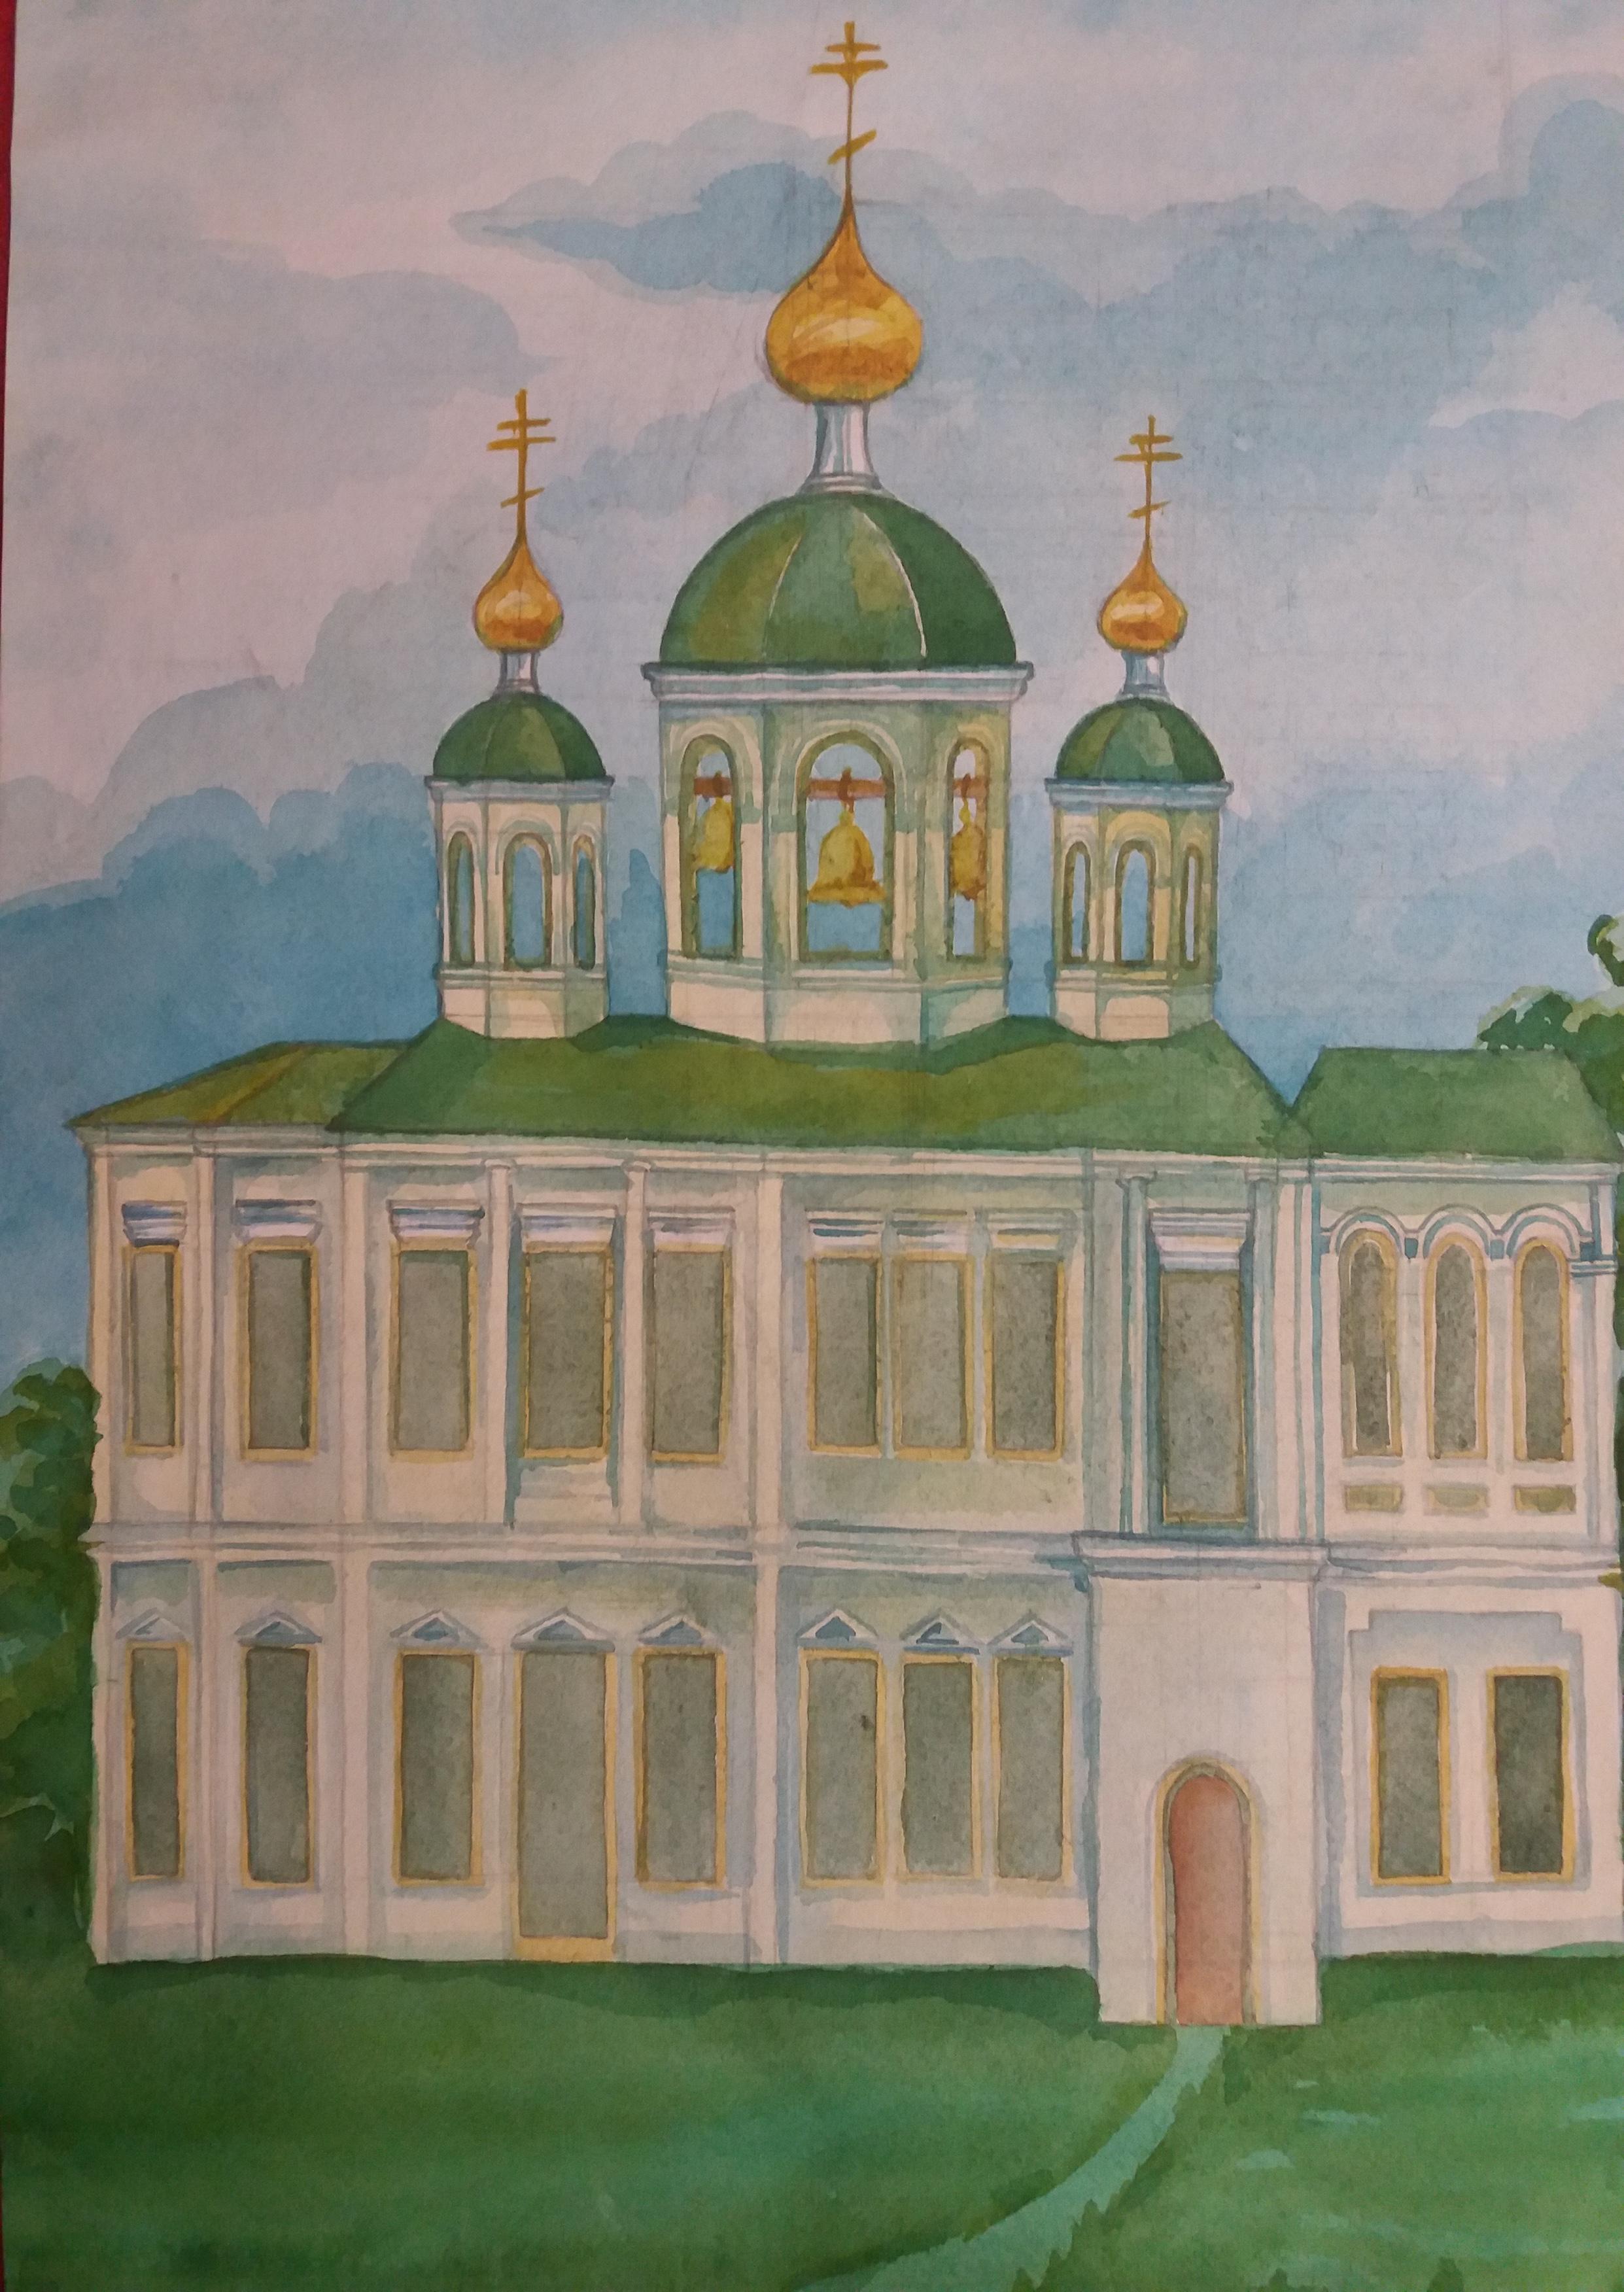 Рисунок 4 - Эскиз восстановления Ильинской Церкви. Автор - Базуева Алена Николаевна.